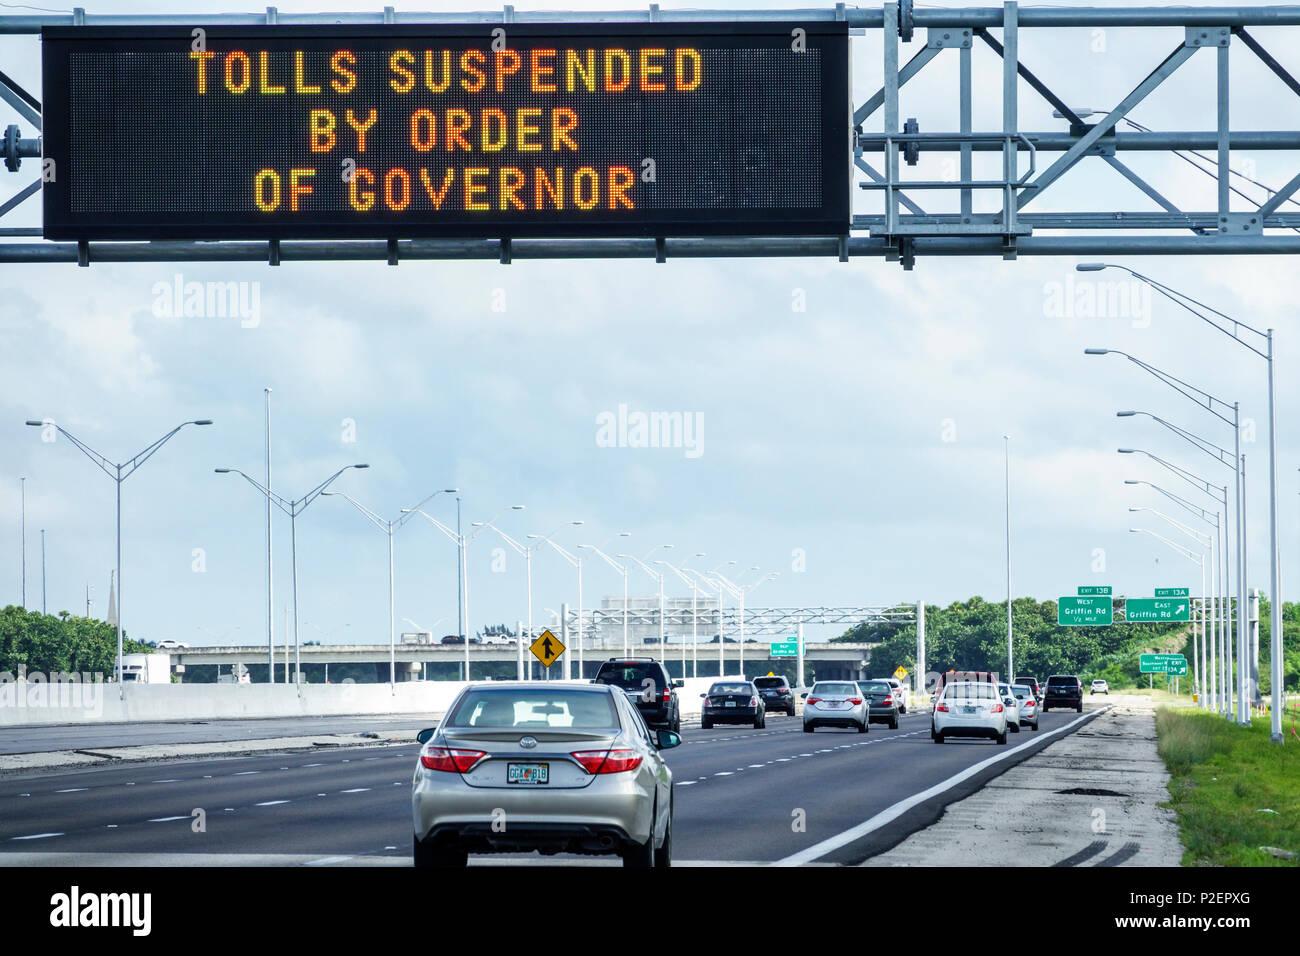 Florida Miami Hurrikan Irma nähern Vorbereitung der Interstate I-75 I75 elektronische Zeichen Evakuierung Maut um Gouverneur Highway Traffic ausgesetzt evakuieren Autos Stockbild